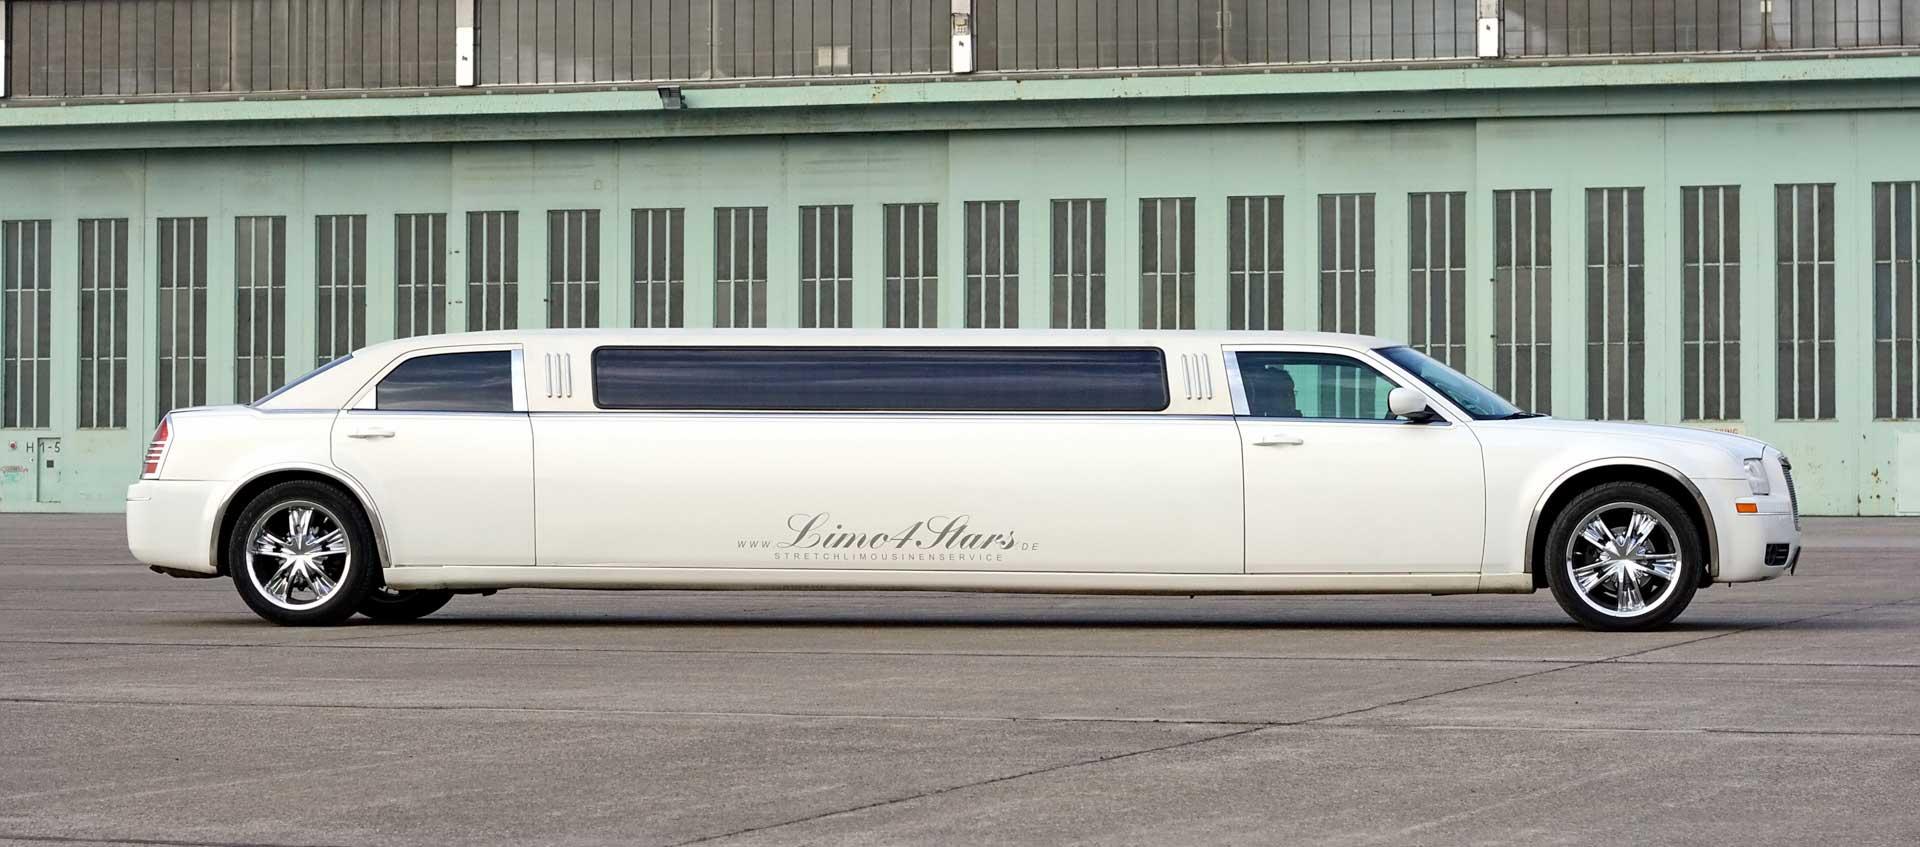 Miete eine edle Chrysler Limousine exklusiv in Berlin - Berlin Stretchlimos mieten